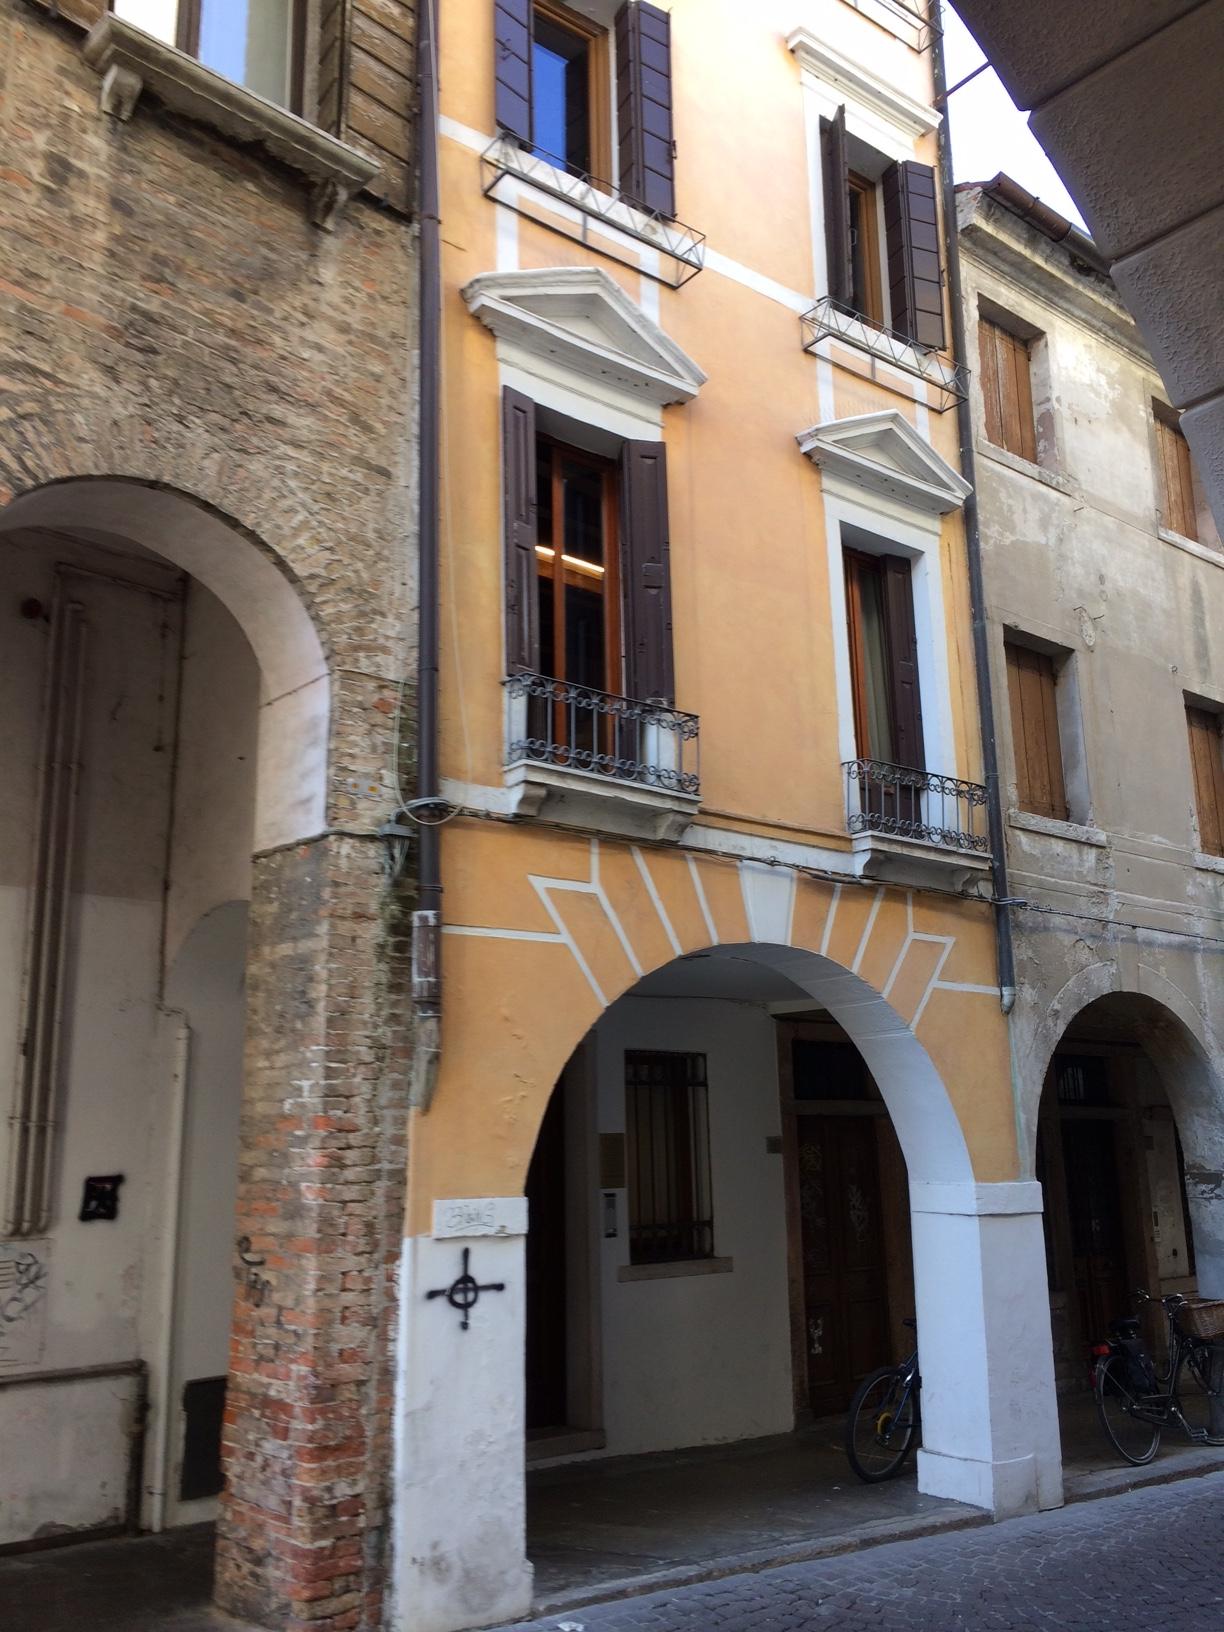 Palazzo / Stabile in vendita a Treviso, 7 locali, zona Località: Centrostorico, Trattative riservate | CambioCasa.it